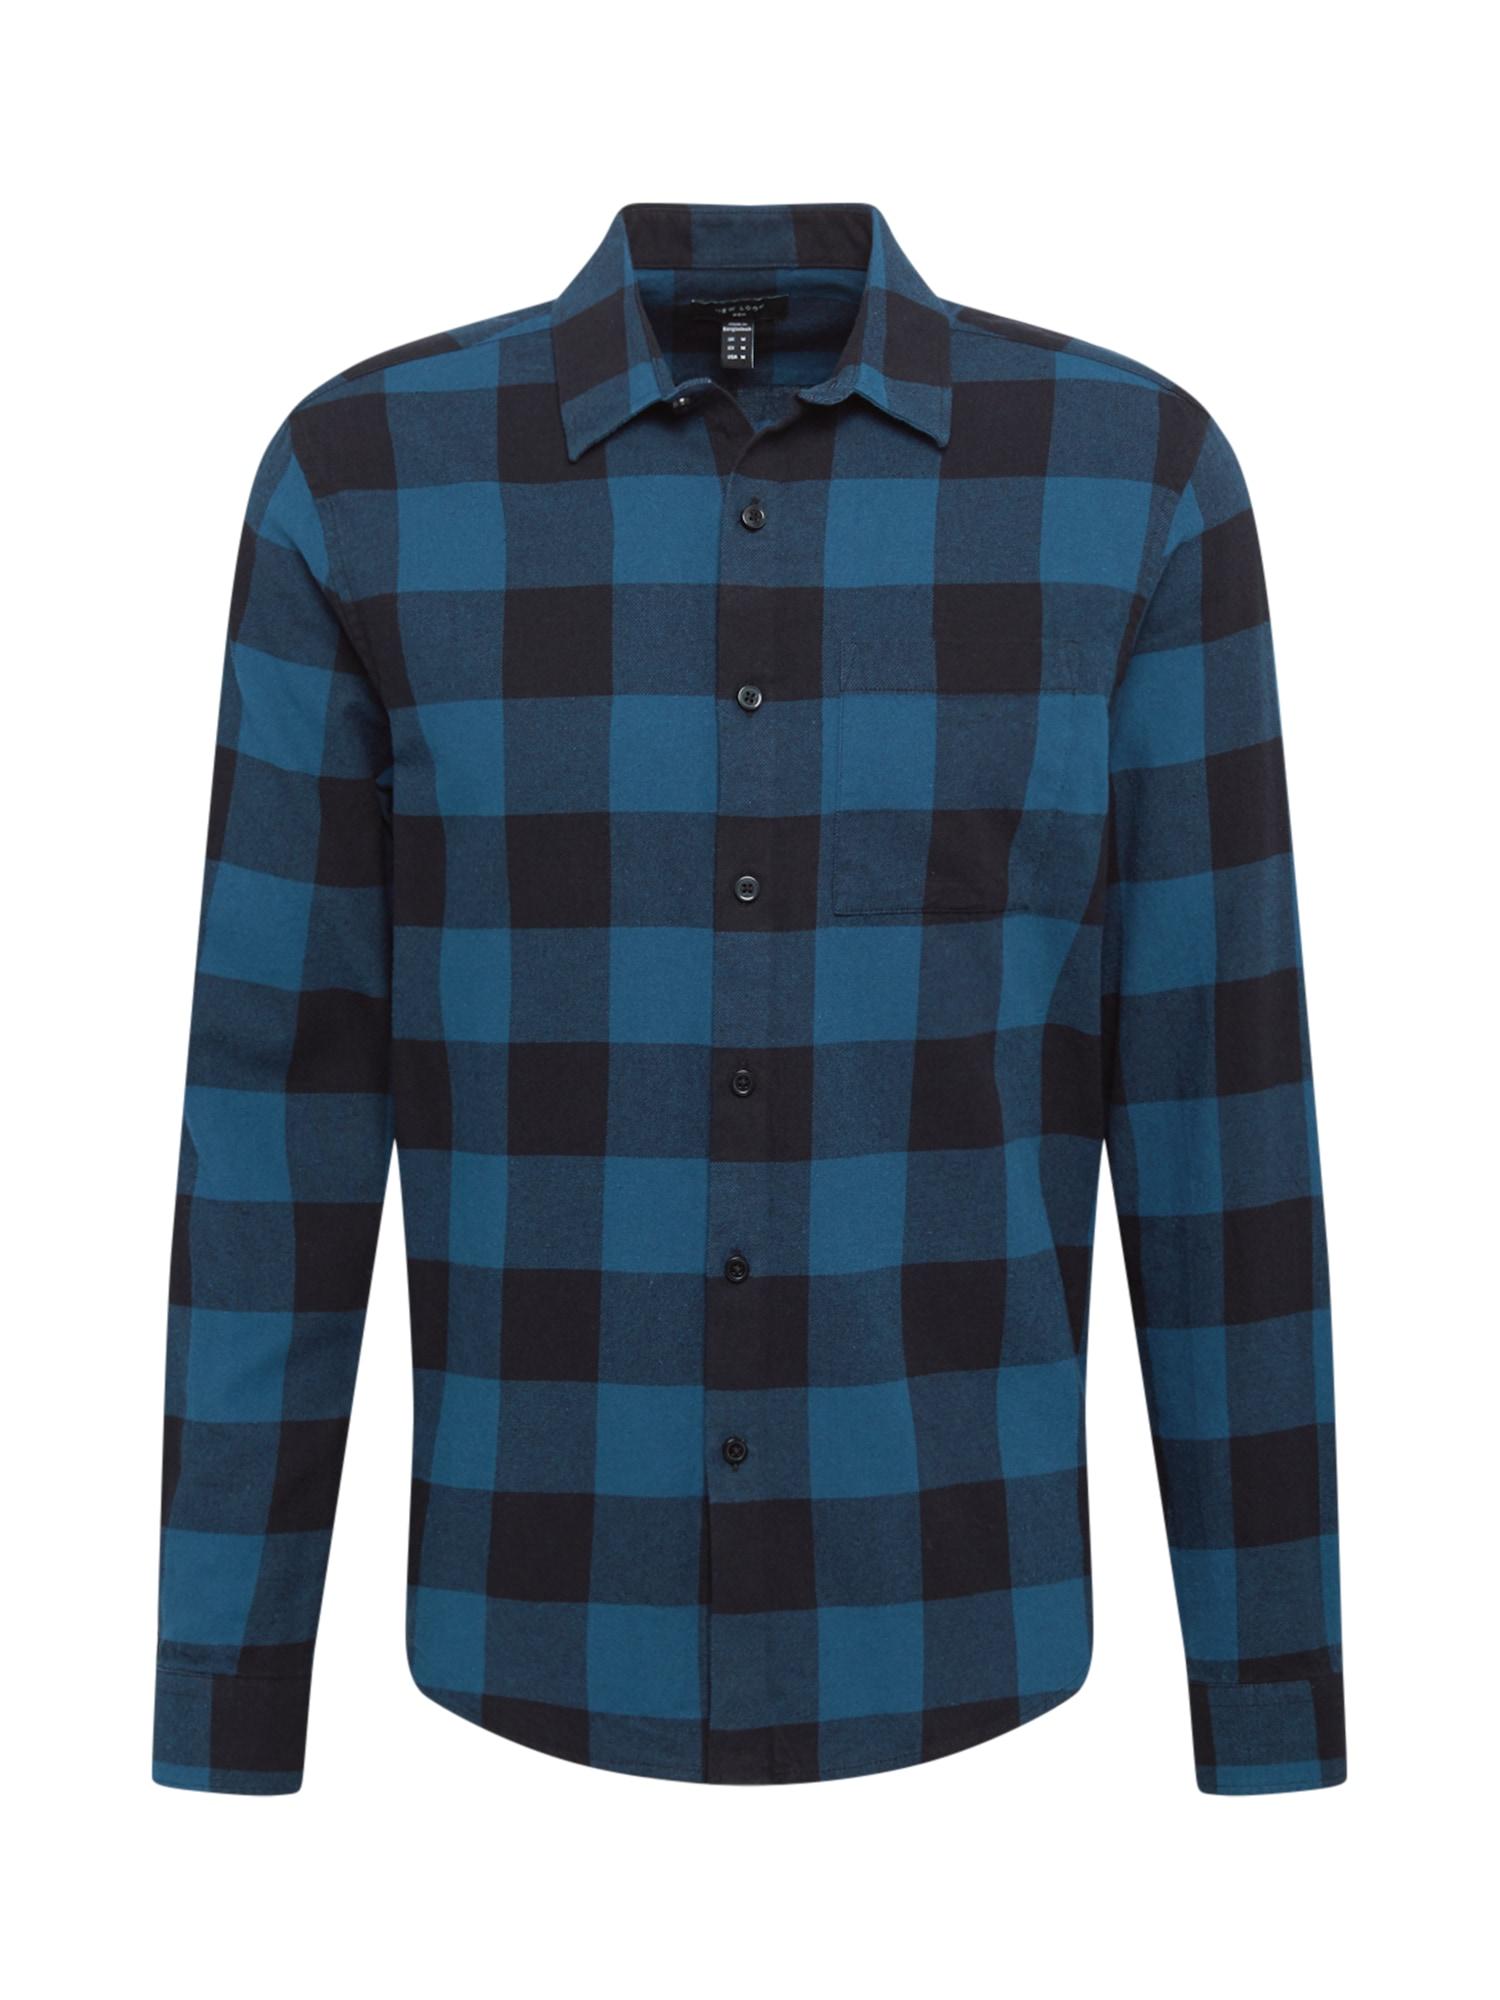 NEW LOOK Marškiniai nakties mėlyna / dangaus žydra